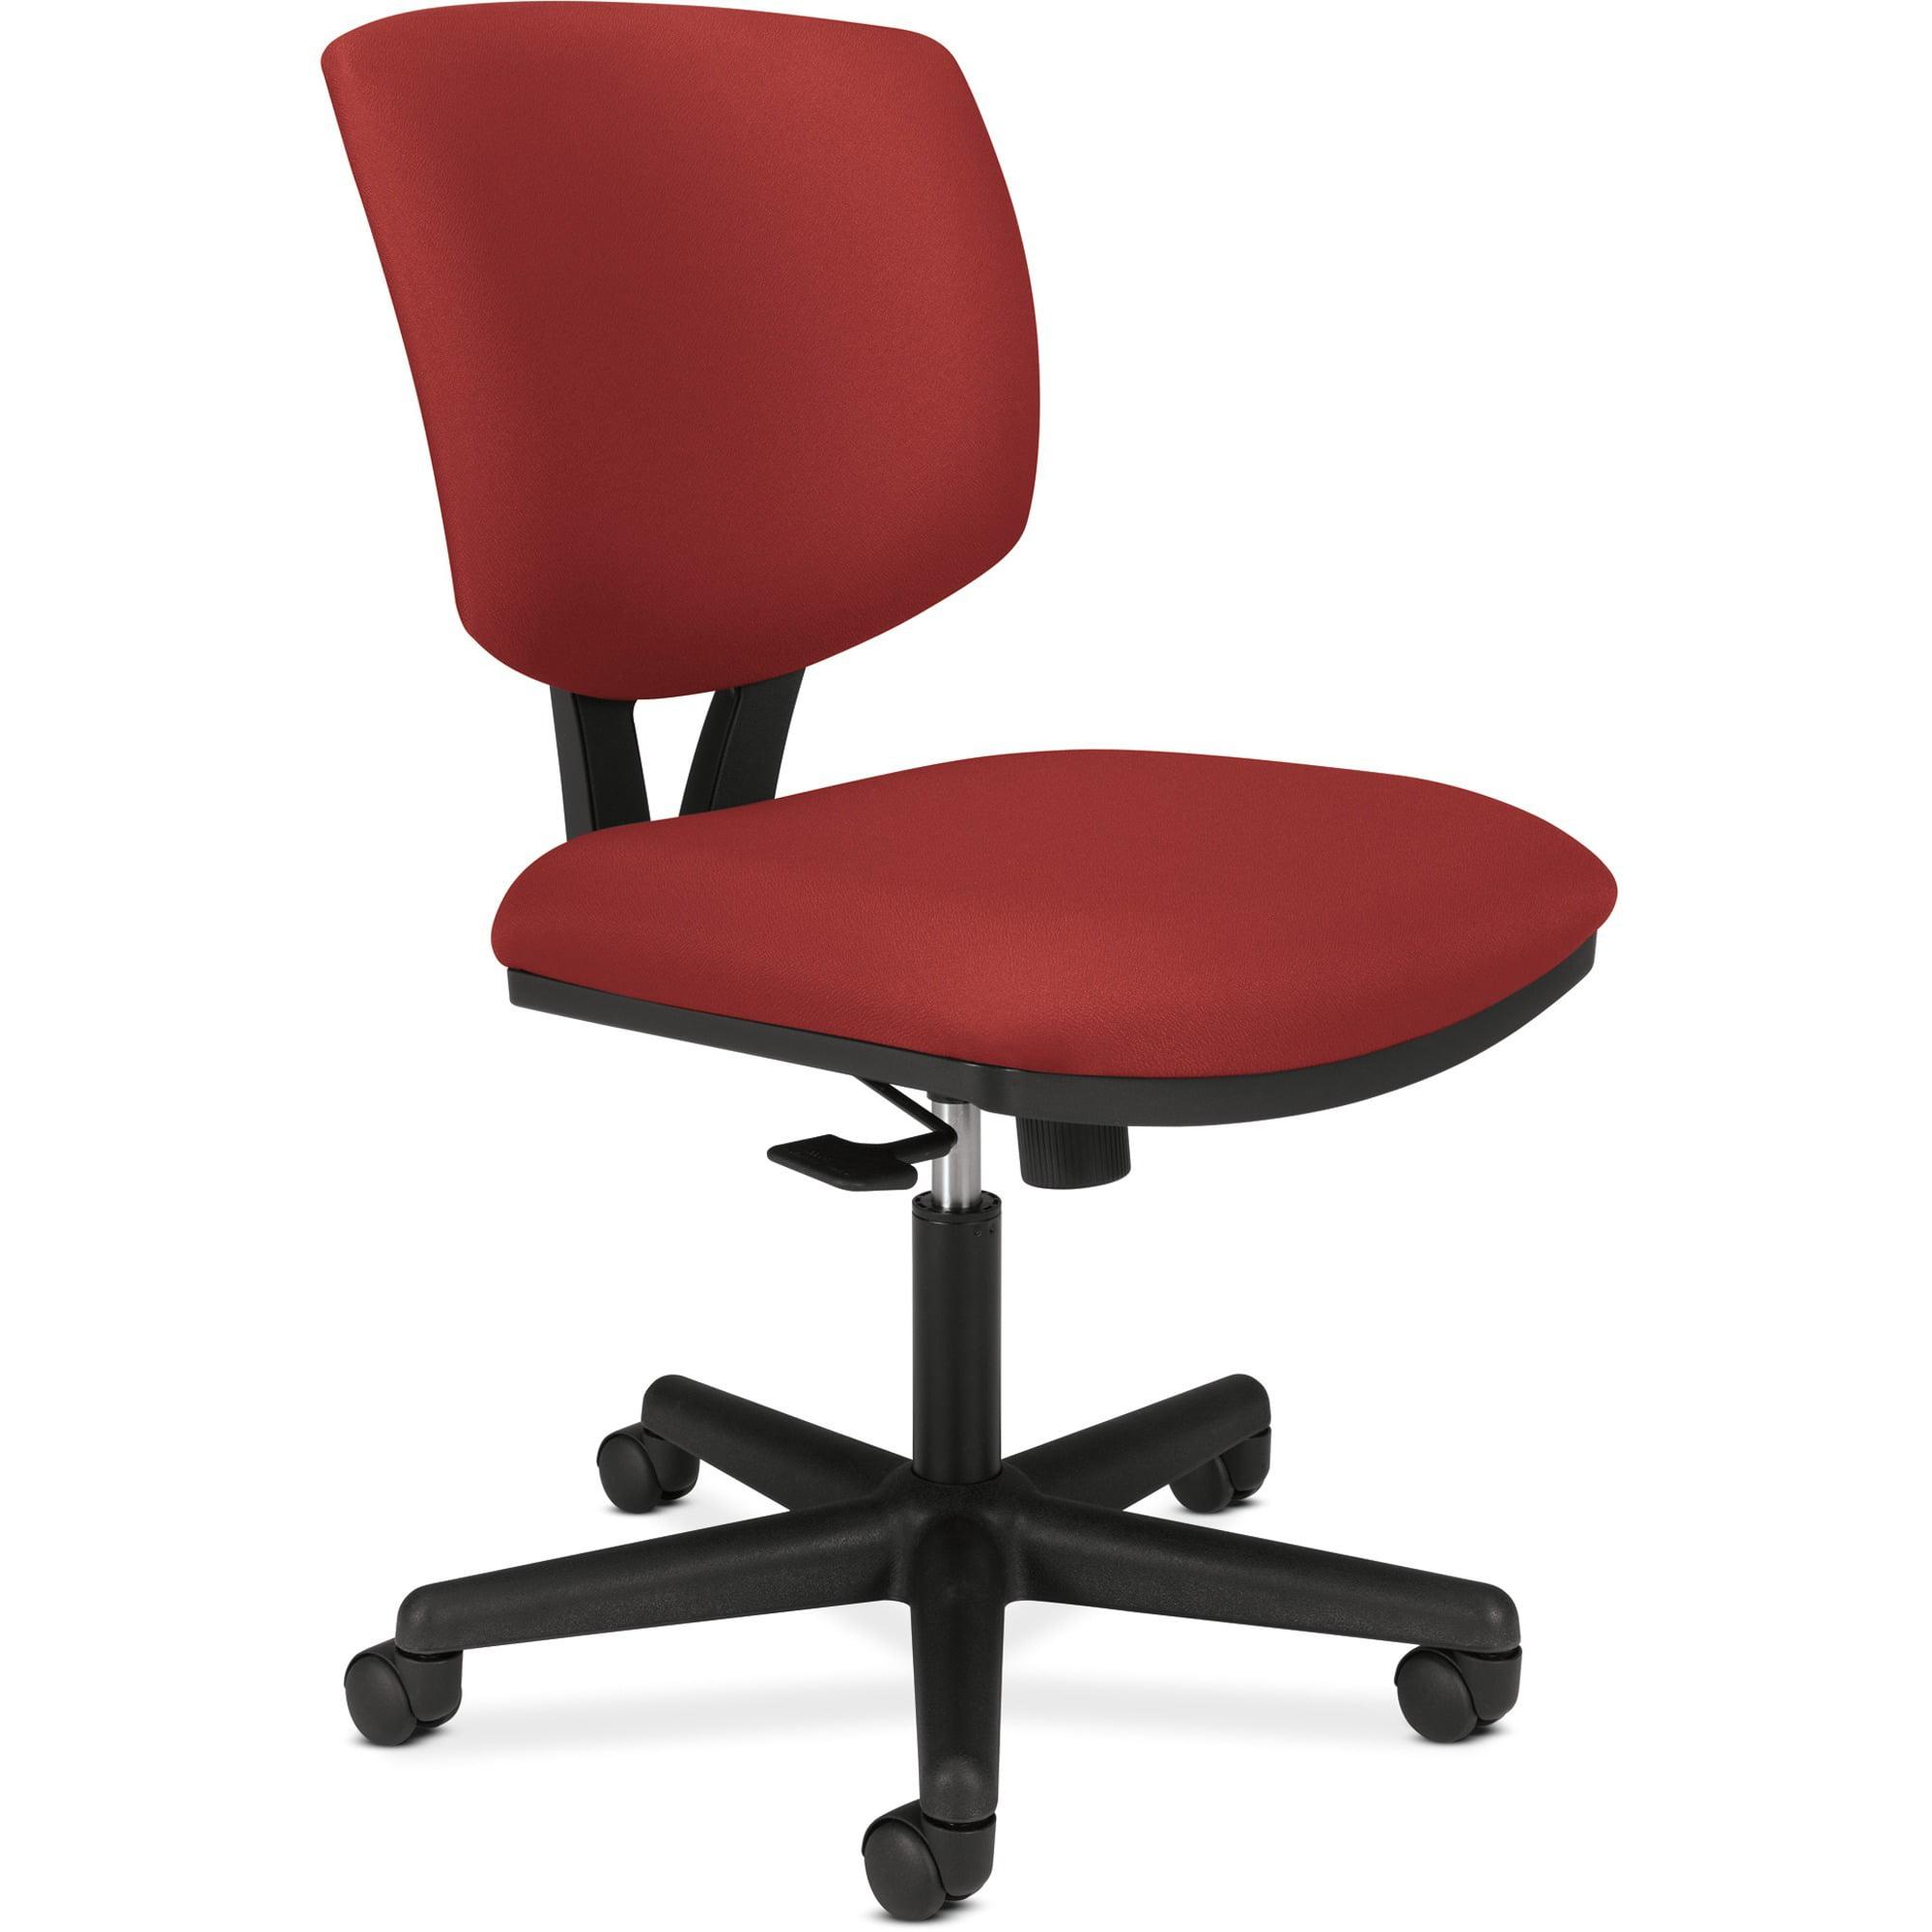 HON, HON5701GA42T, 5700 Series Volt Seating Task Chair, 1 Each, Crimson Red